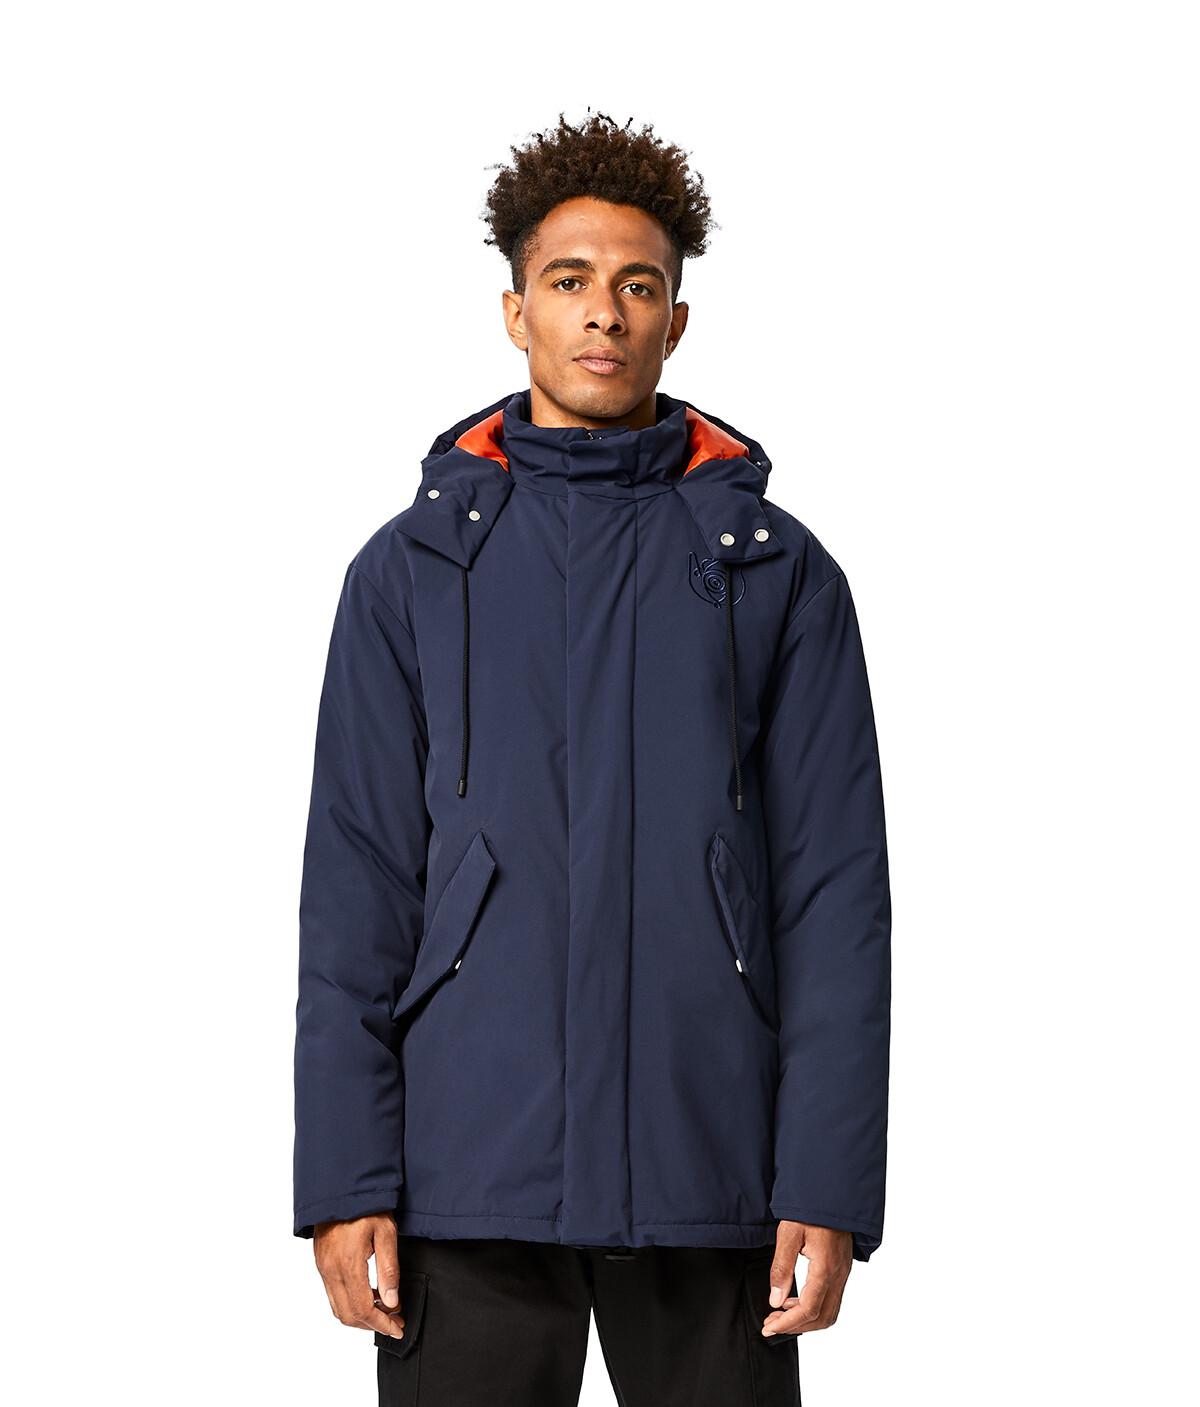 LOEWE Turtle Neck Jacket With Hoodie Navy Blue/Orange front